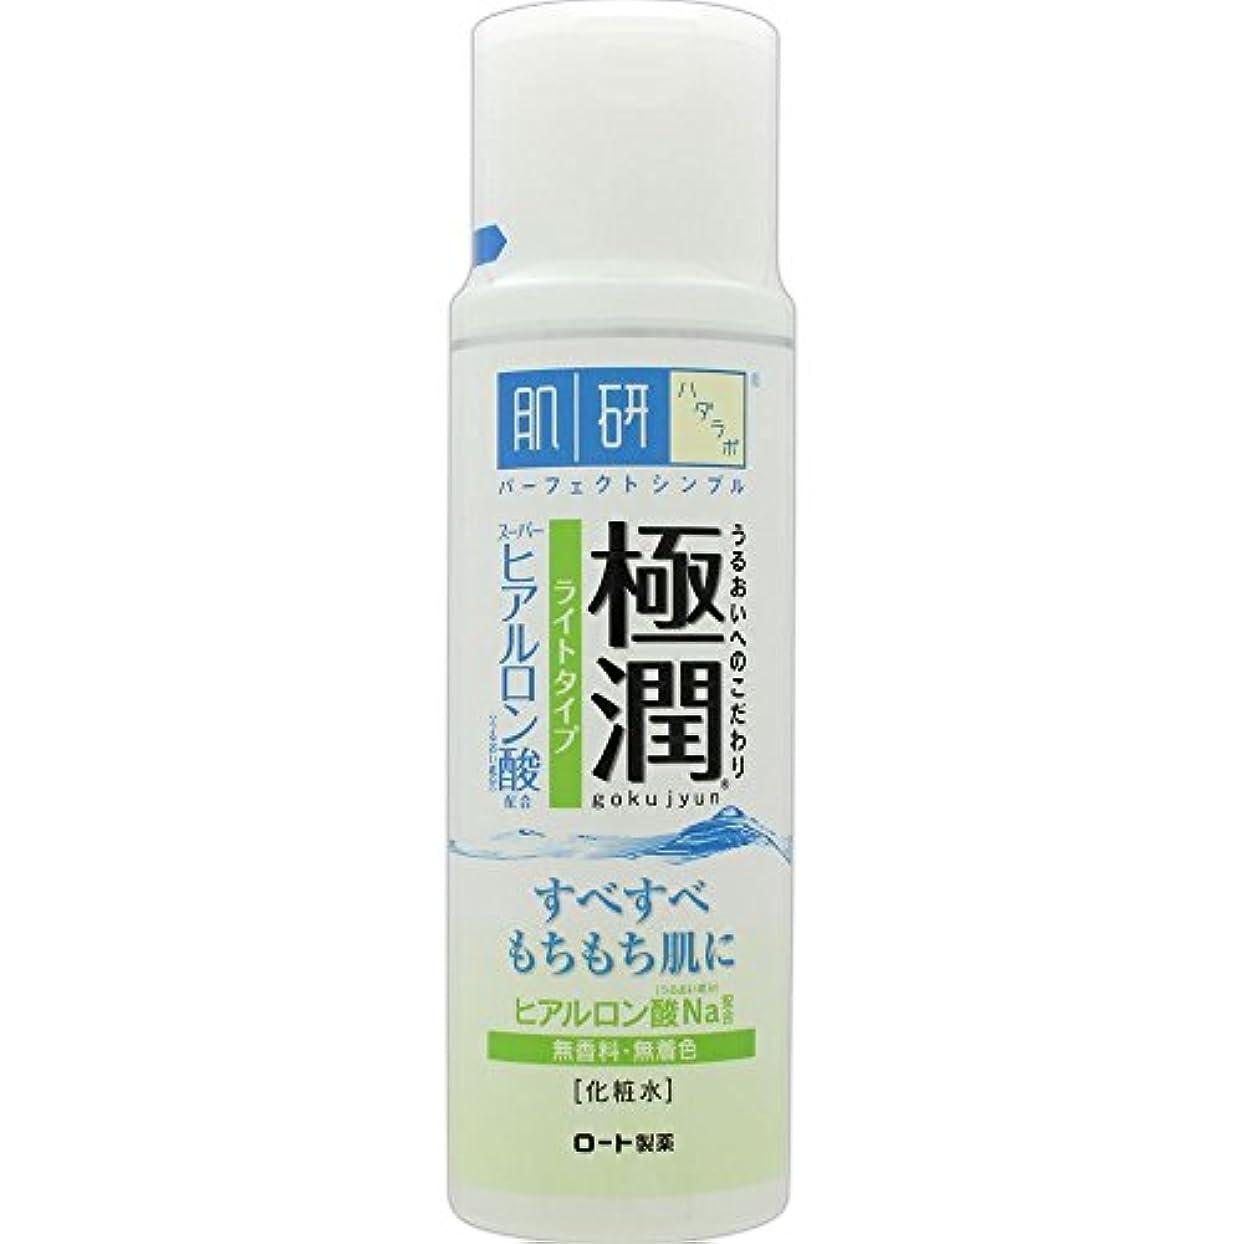 性的疑い者ほのめかす肌研(ハダラボ) 極潤 ヒアルロン液 ライトタイプ 170mL